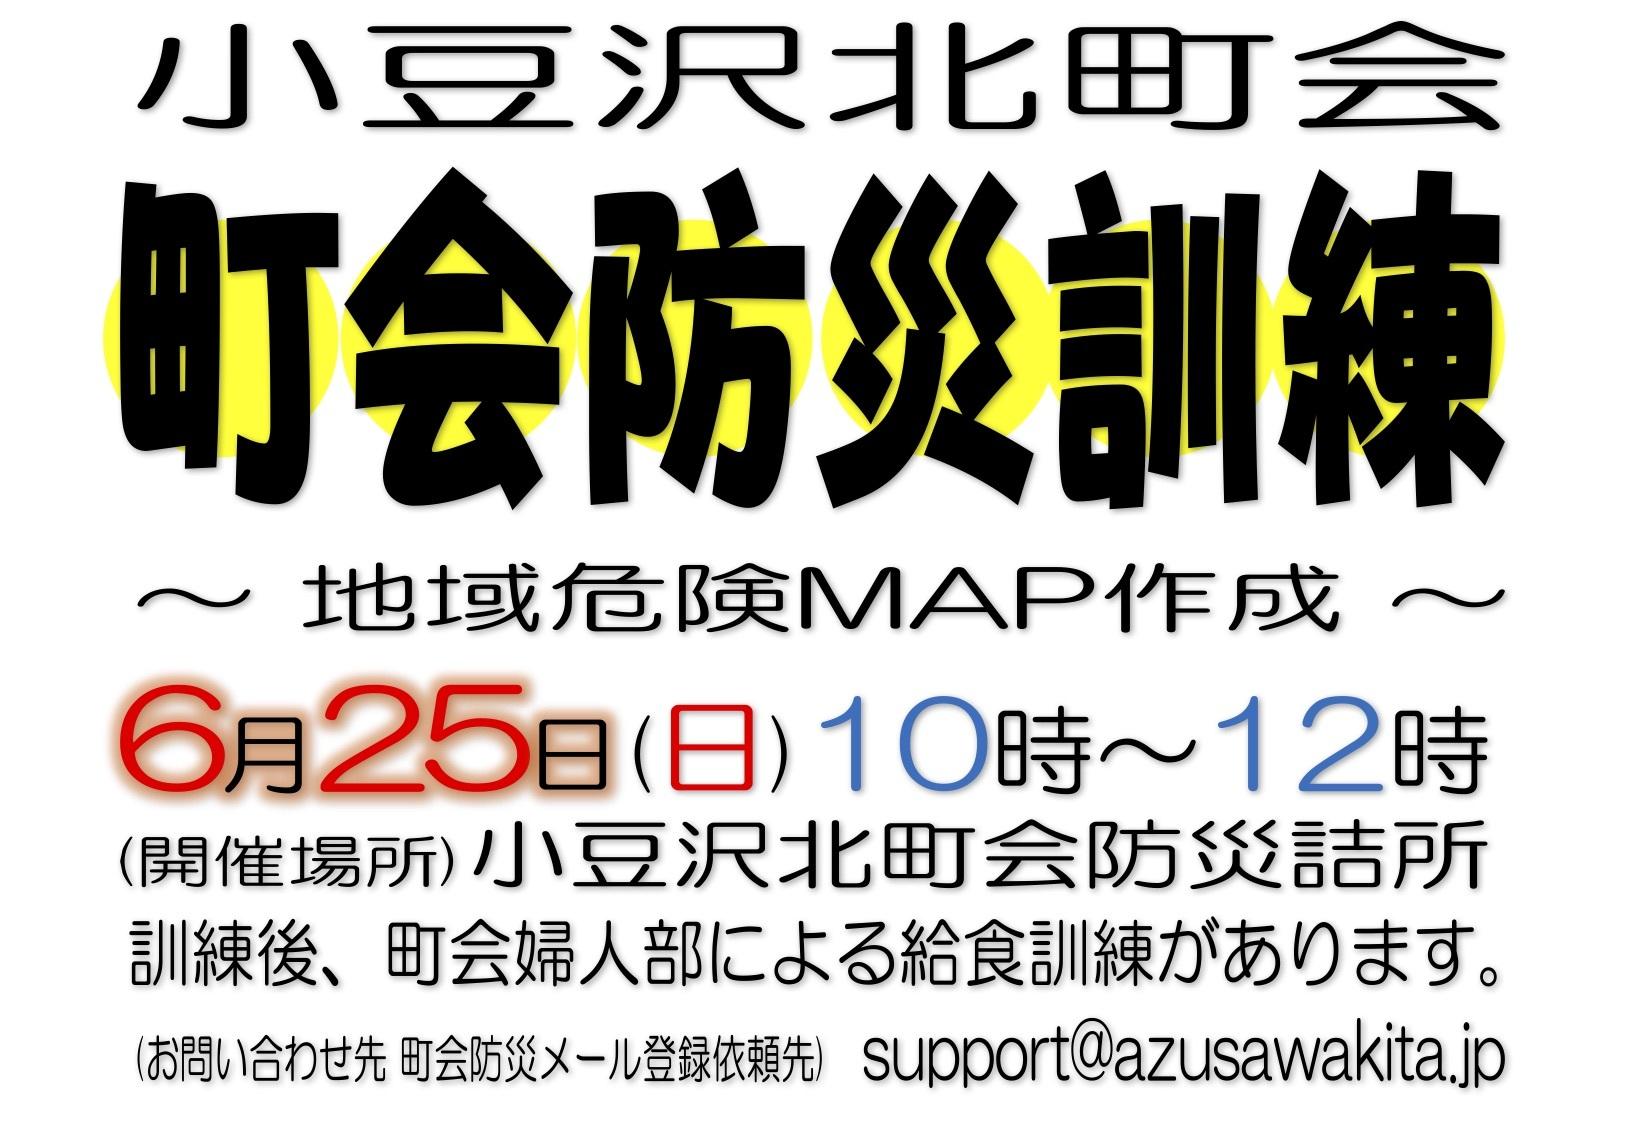 2017年6月25日(日)町会防災訓練